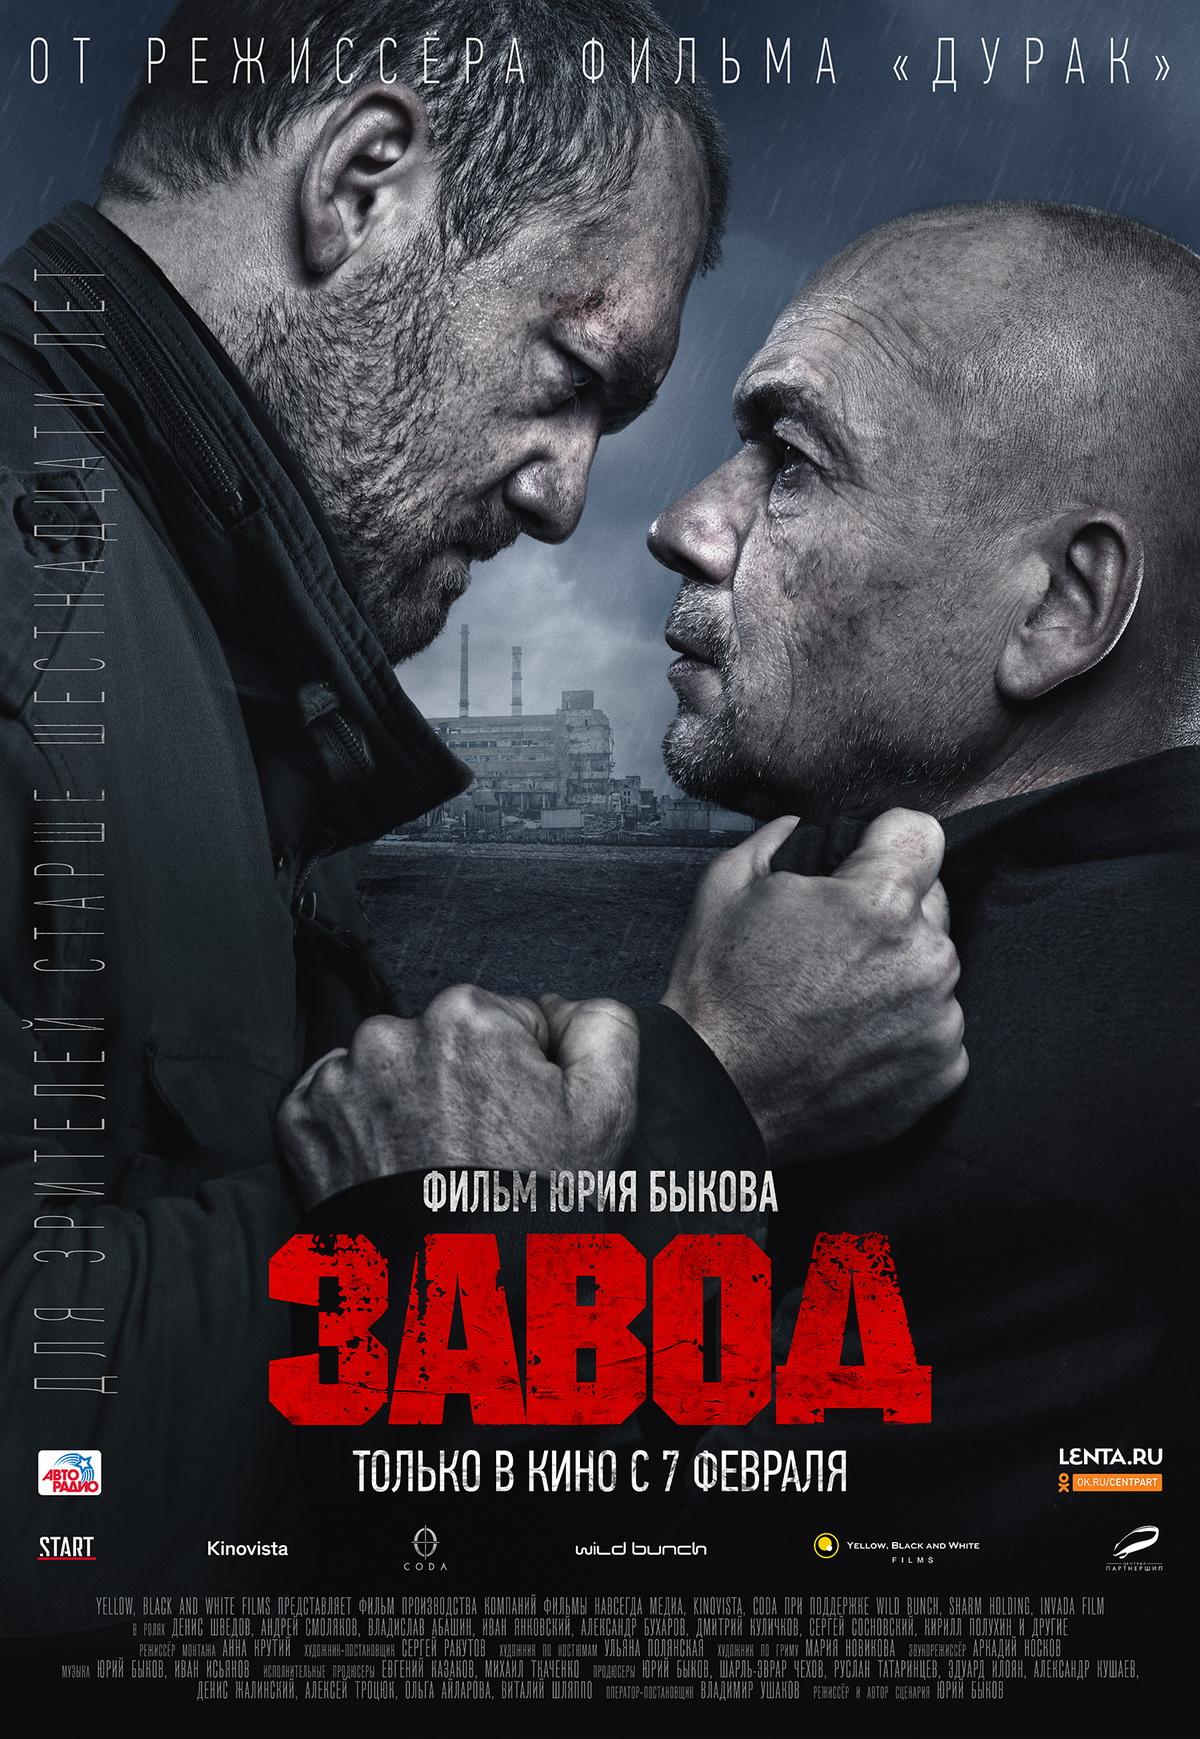 Заказать билеты в кино новокузнецк планета афиша театра мхат на декабрь 2016